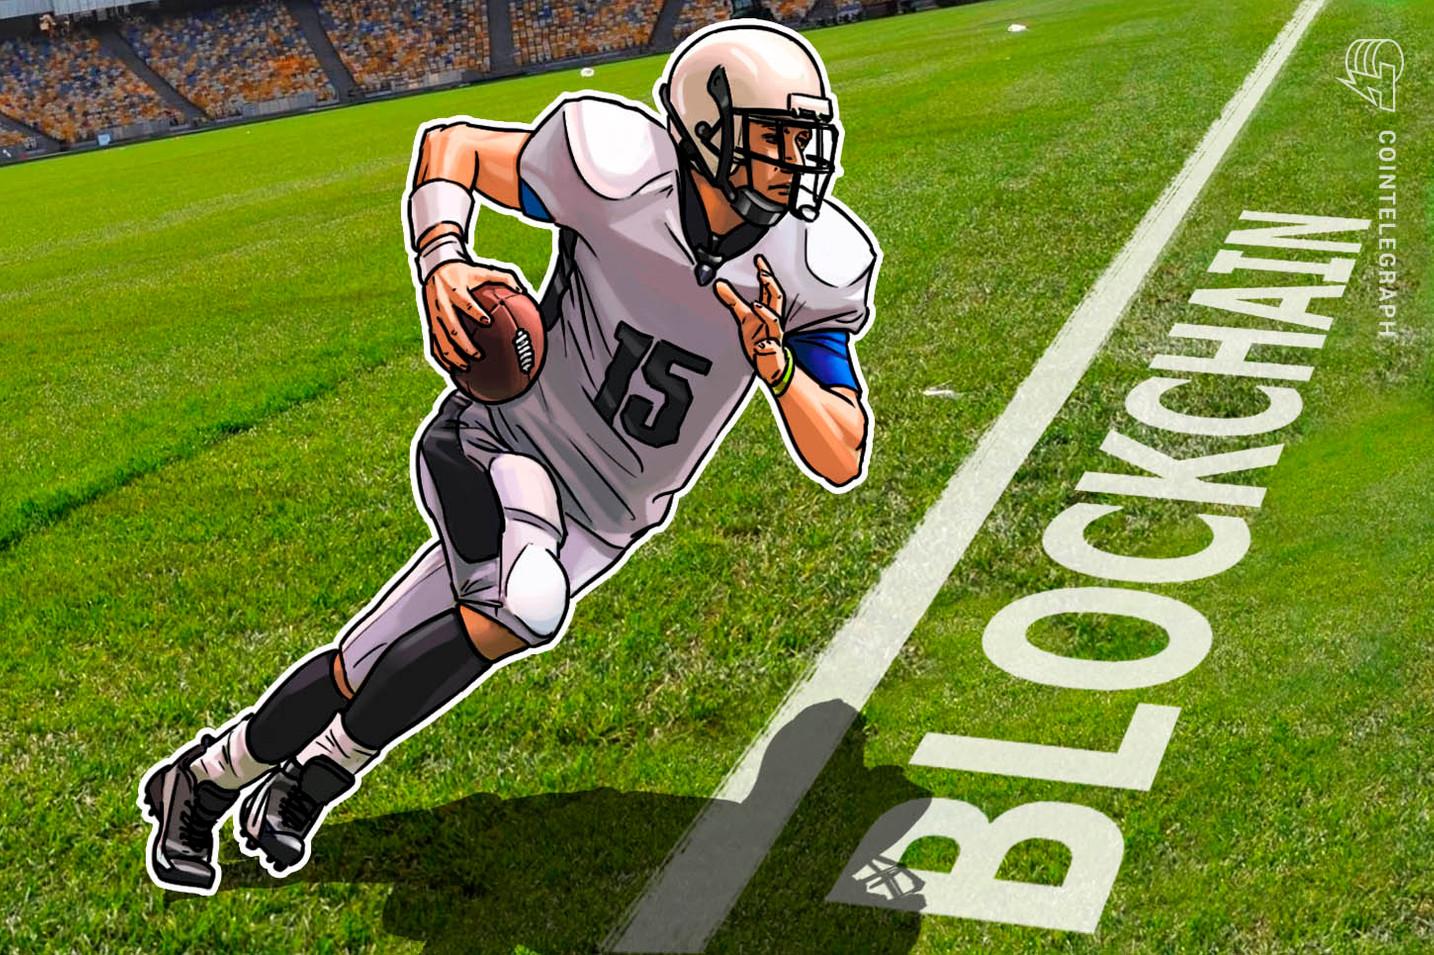 أكبر بورصة عملات رقمية في العالم تستثمر في منصة للرياضة الإلكترونية قائمة على بلوكتشين